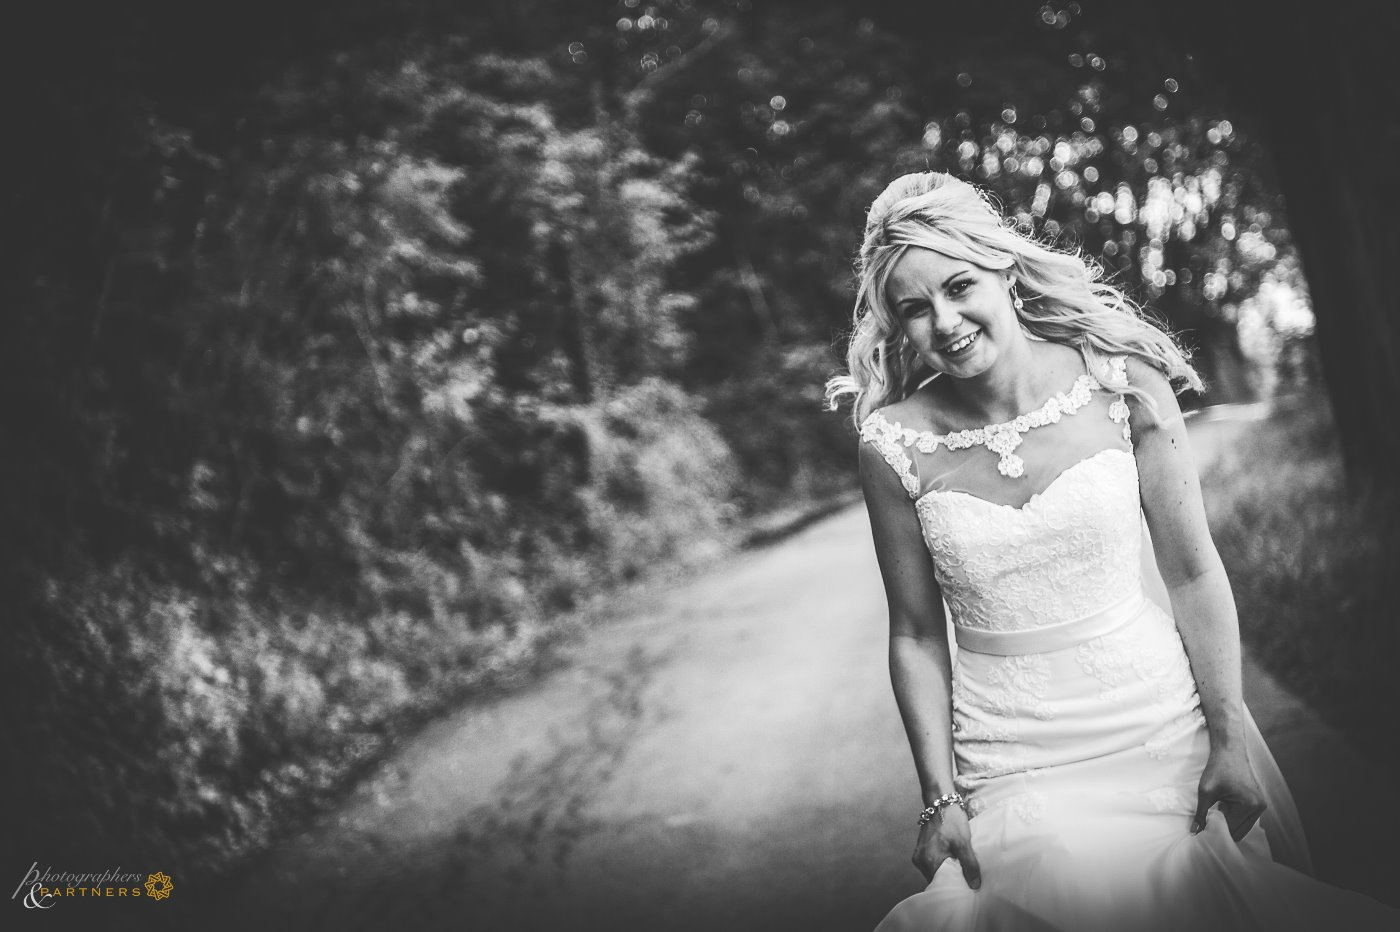 photography_weddings_bucciano_15.jpg